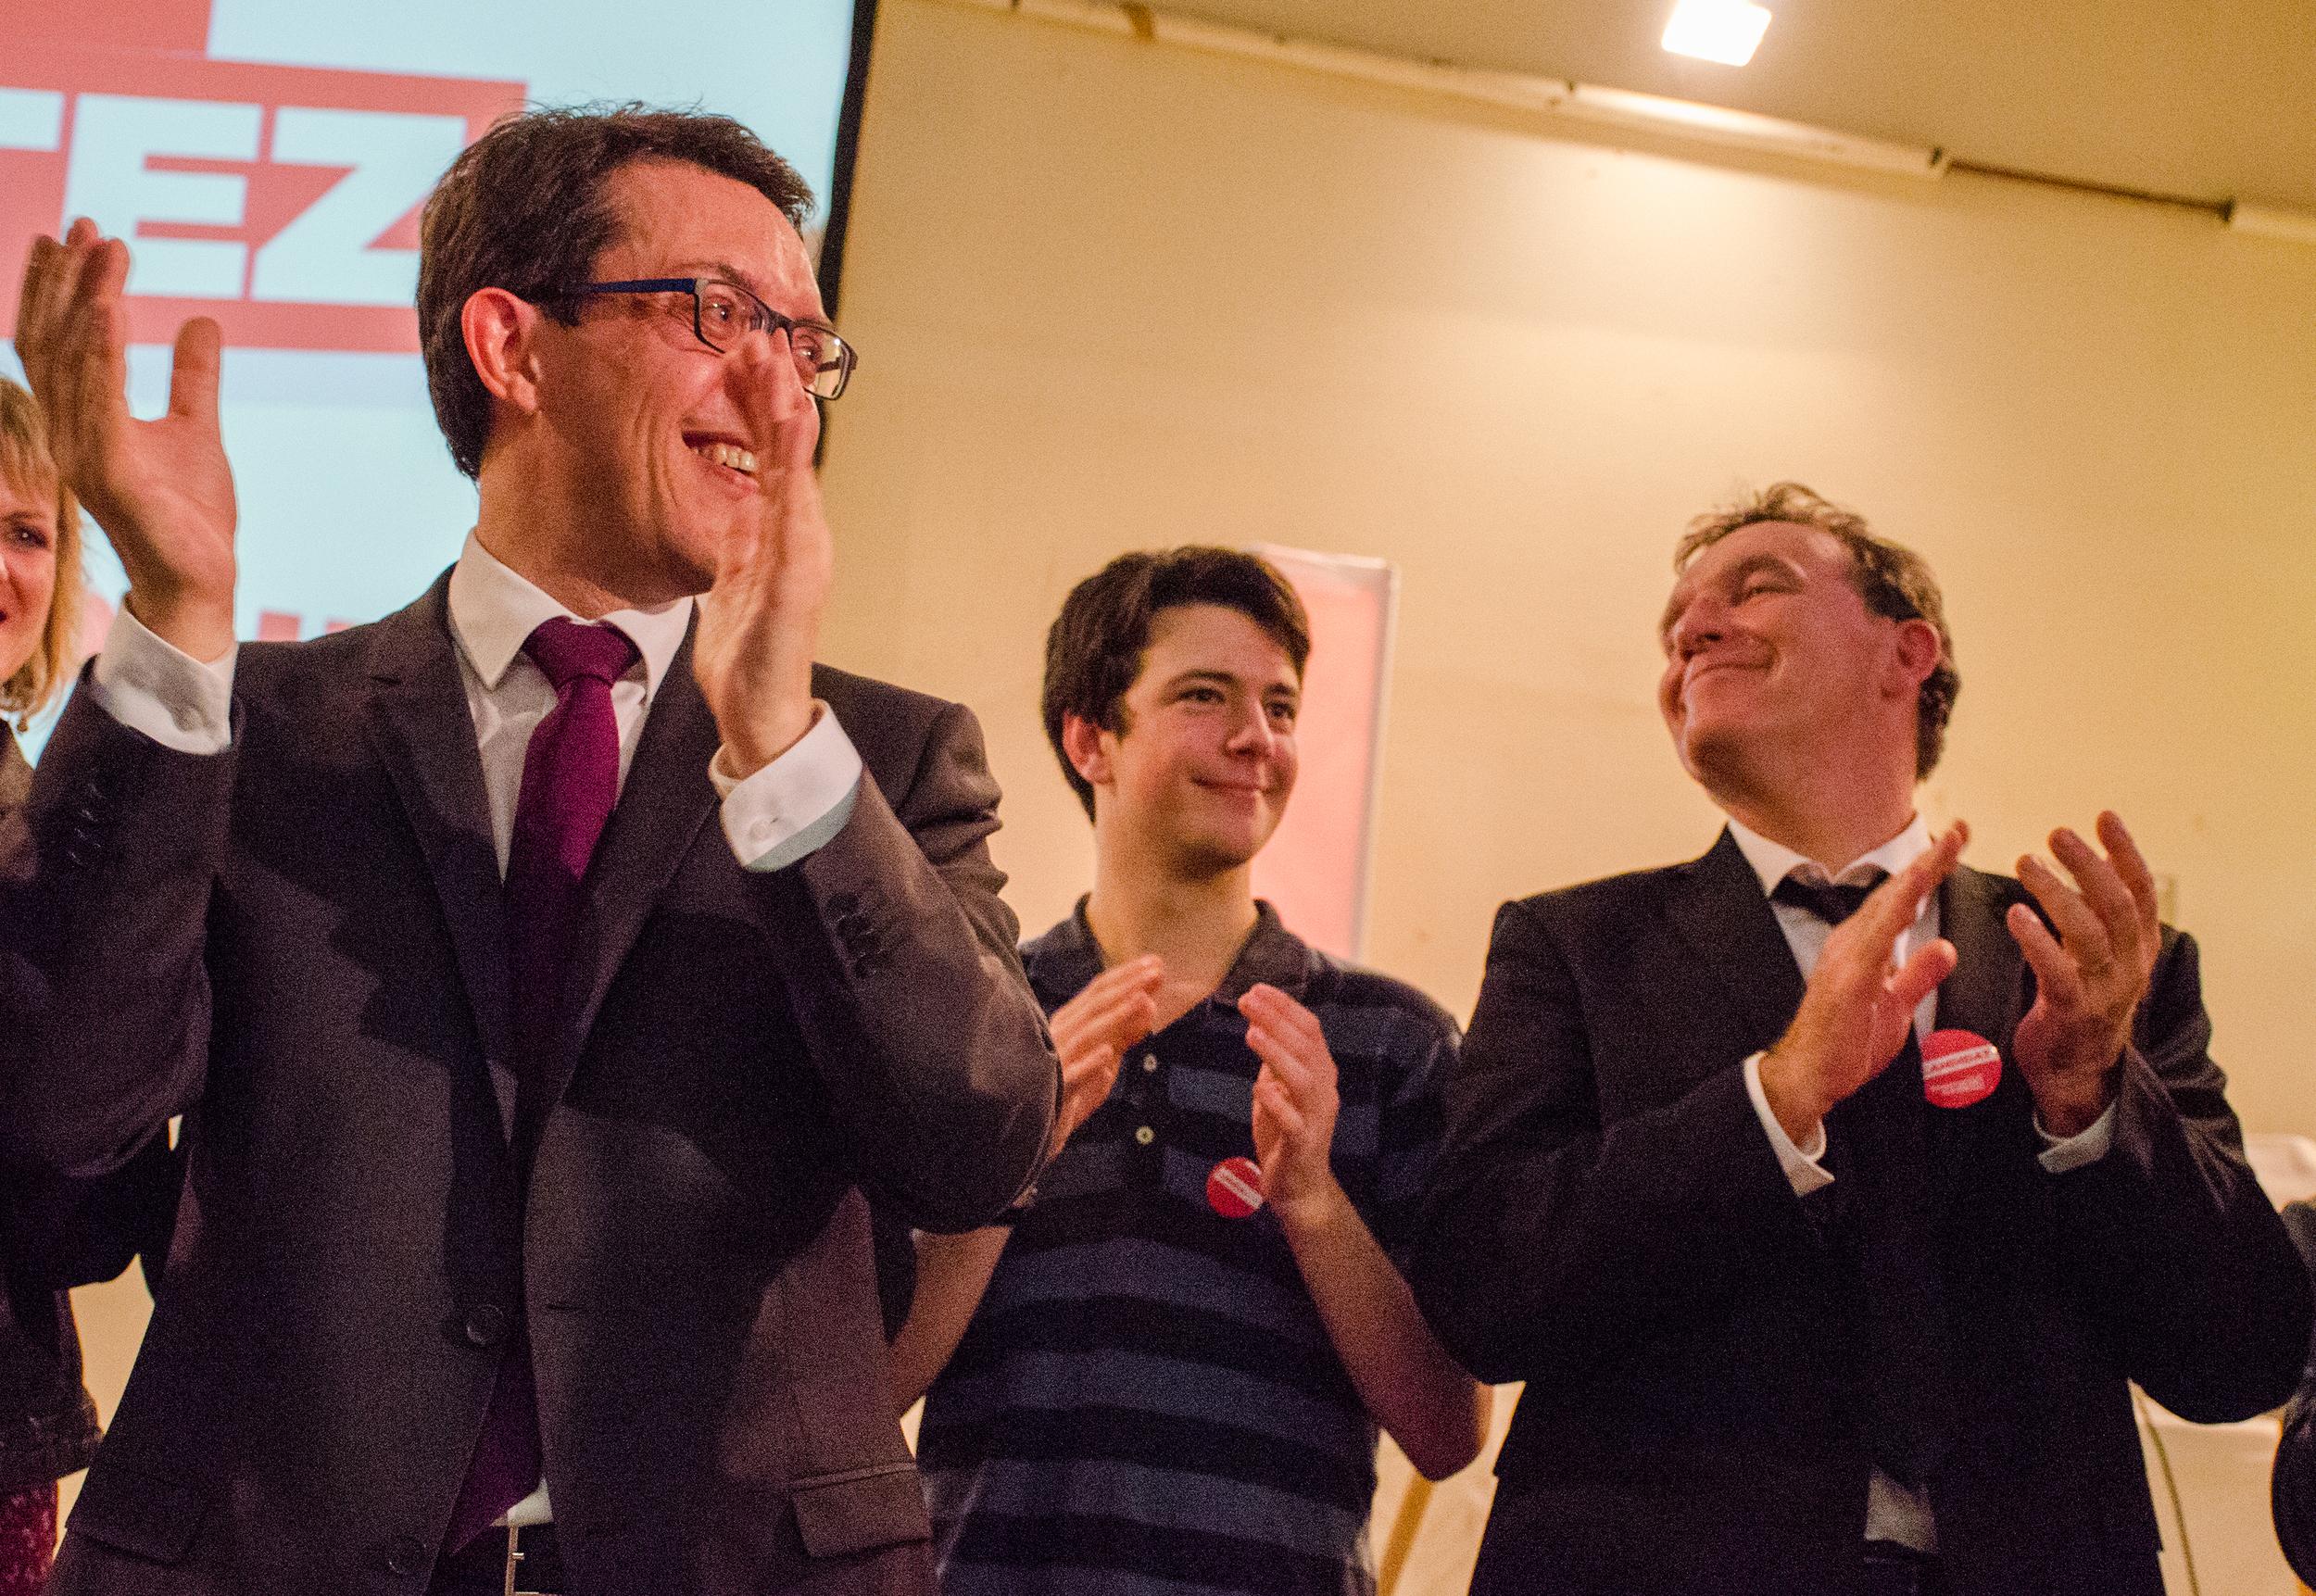 Christophe Clergeau, tête de liste PS régionale, Loukian Jacquet, plus jeune candidat de France, et Jean-Pierre Le Scornet, tête de liste en Mayenne.